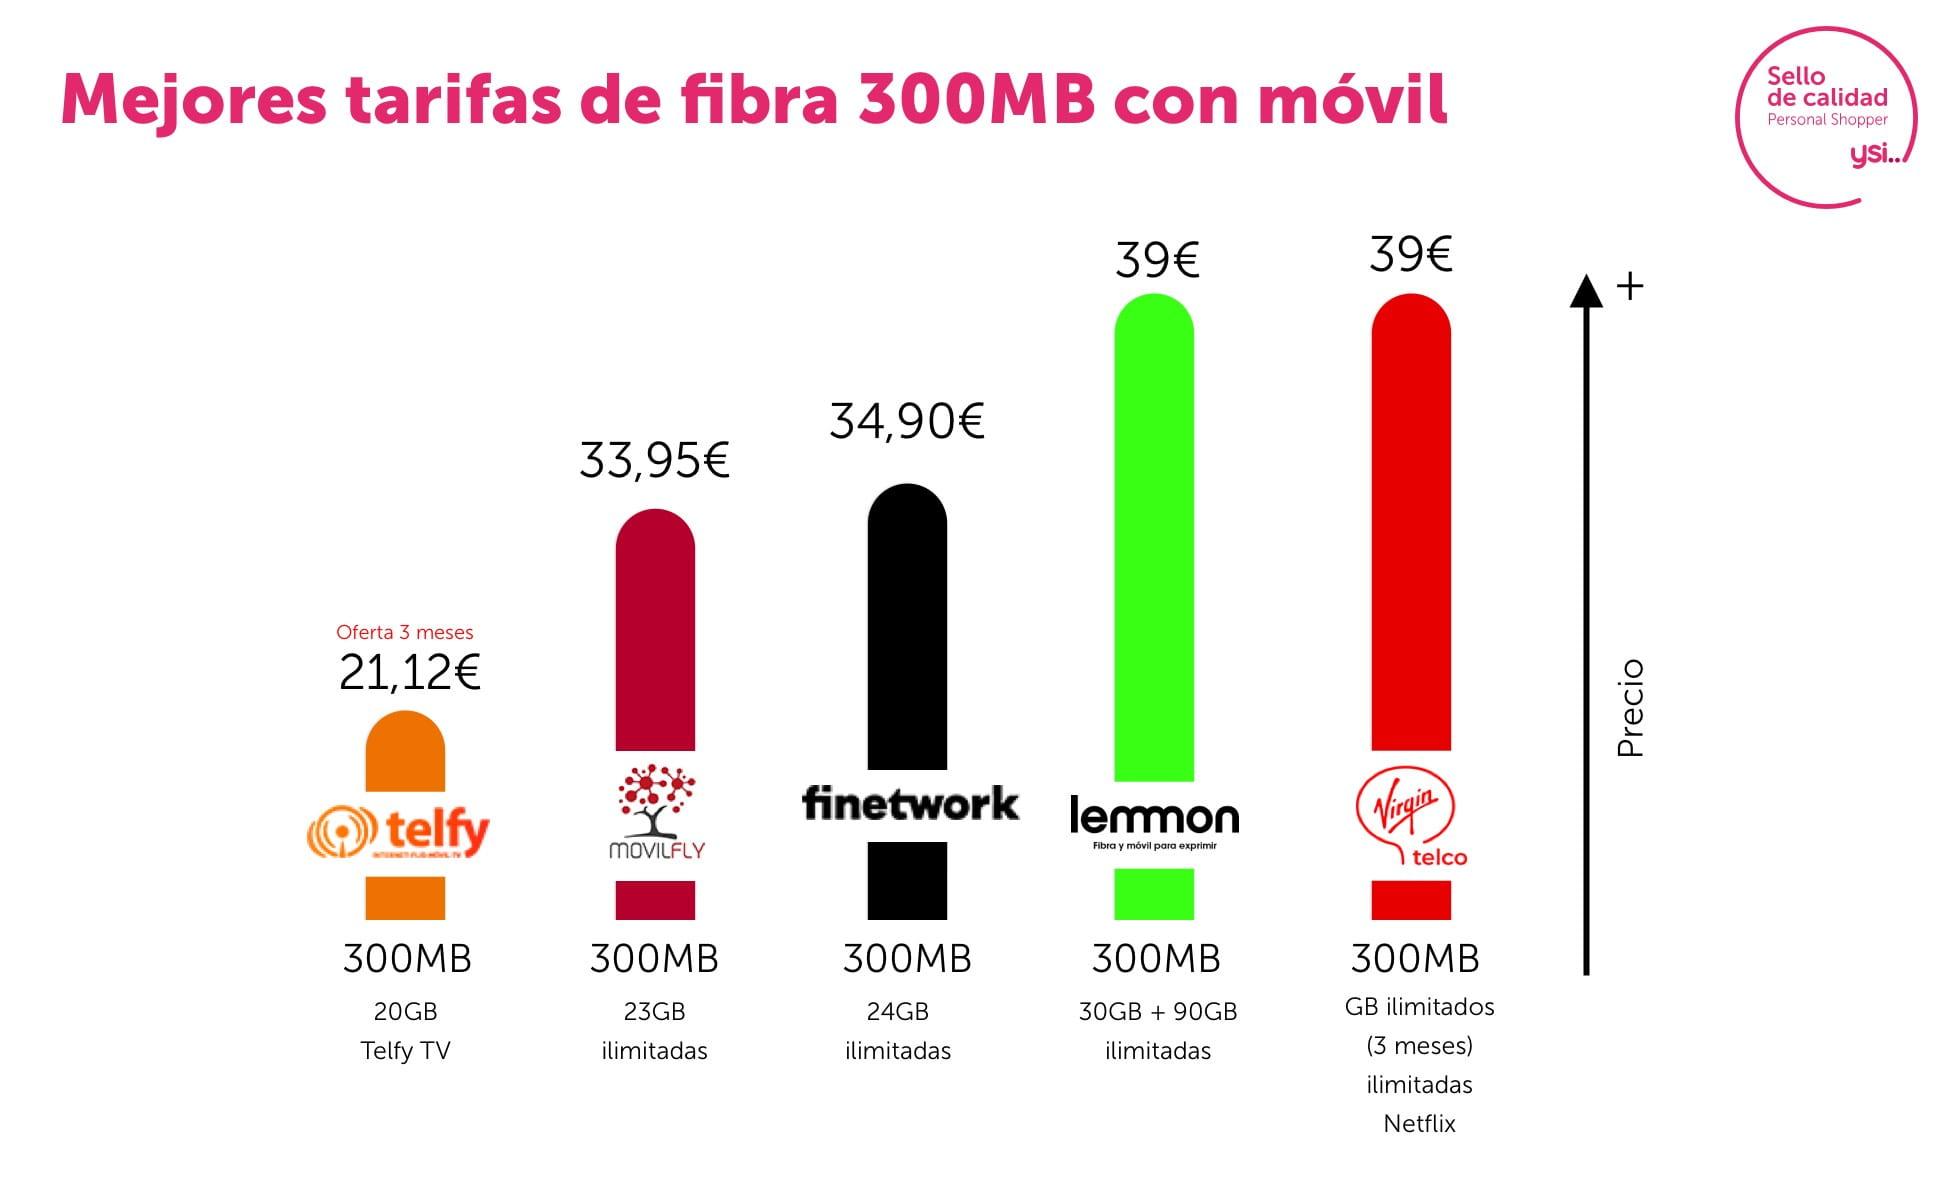 Las mejores tarifas de fibra 300Mb y móvil